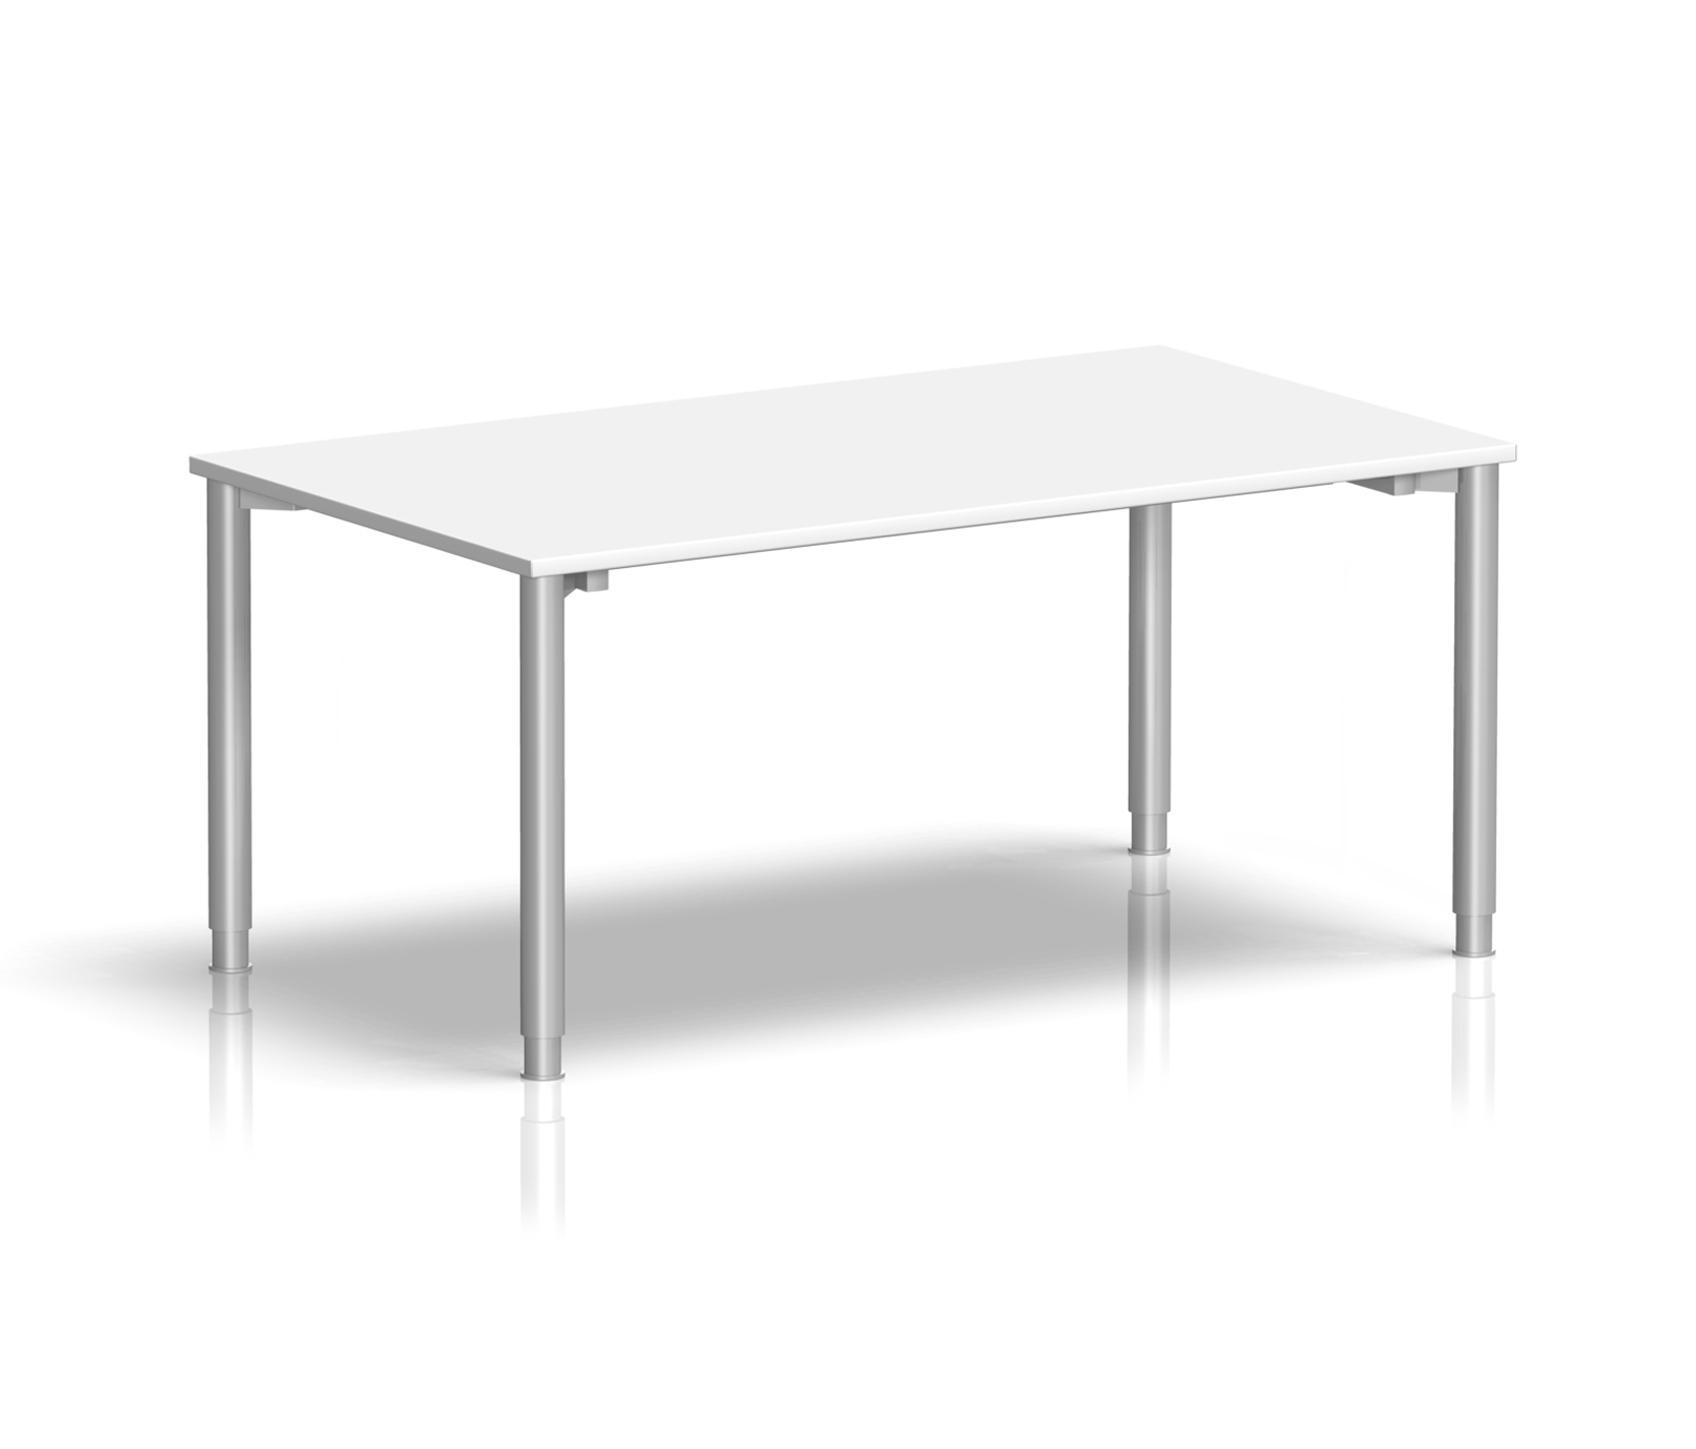 RONDANA SCHREIBTISCH - Schreibtische von Assmann Büromöbel | Architonic